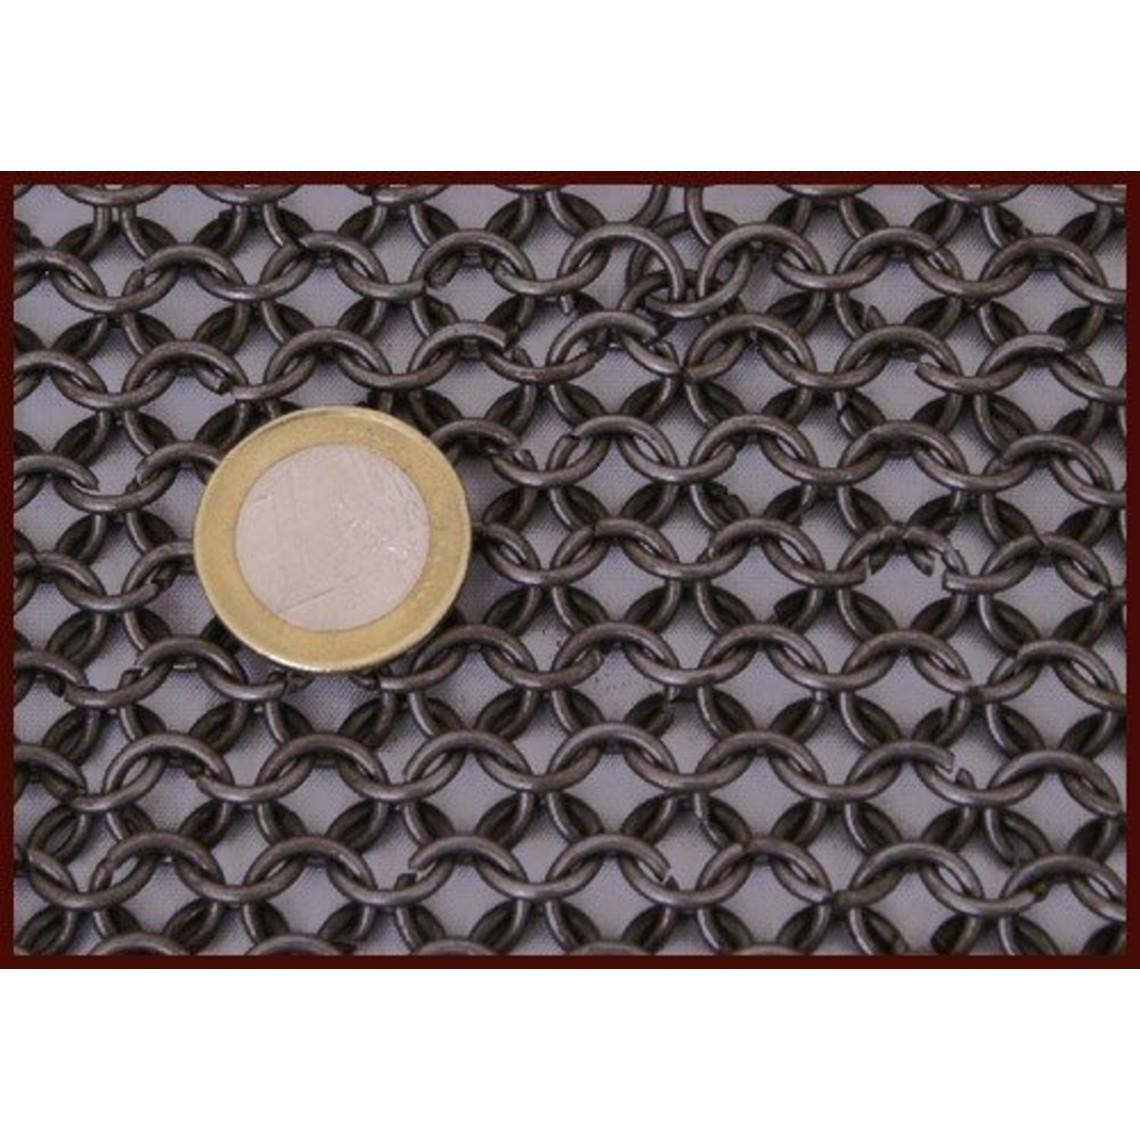 Ulfberth Maliënkolder met halflange mouwen, onbehandeld, 8 mm